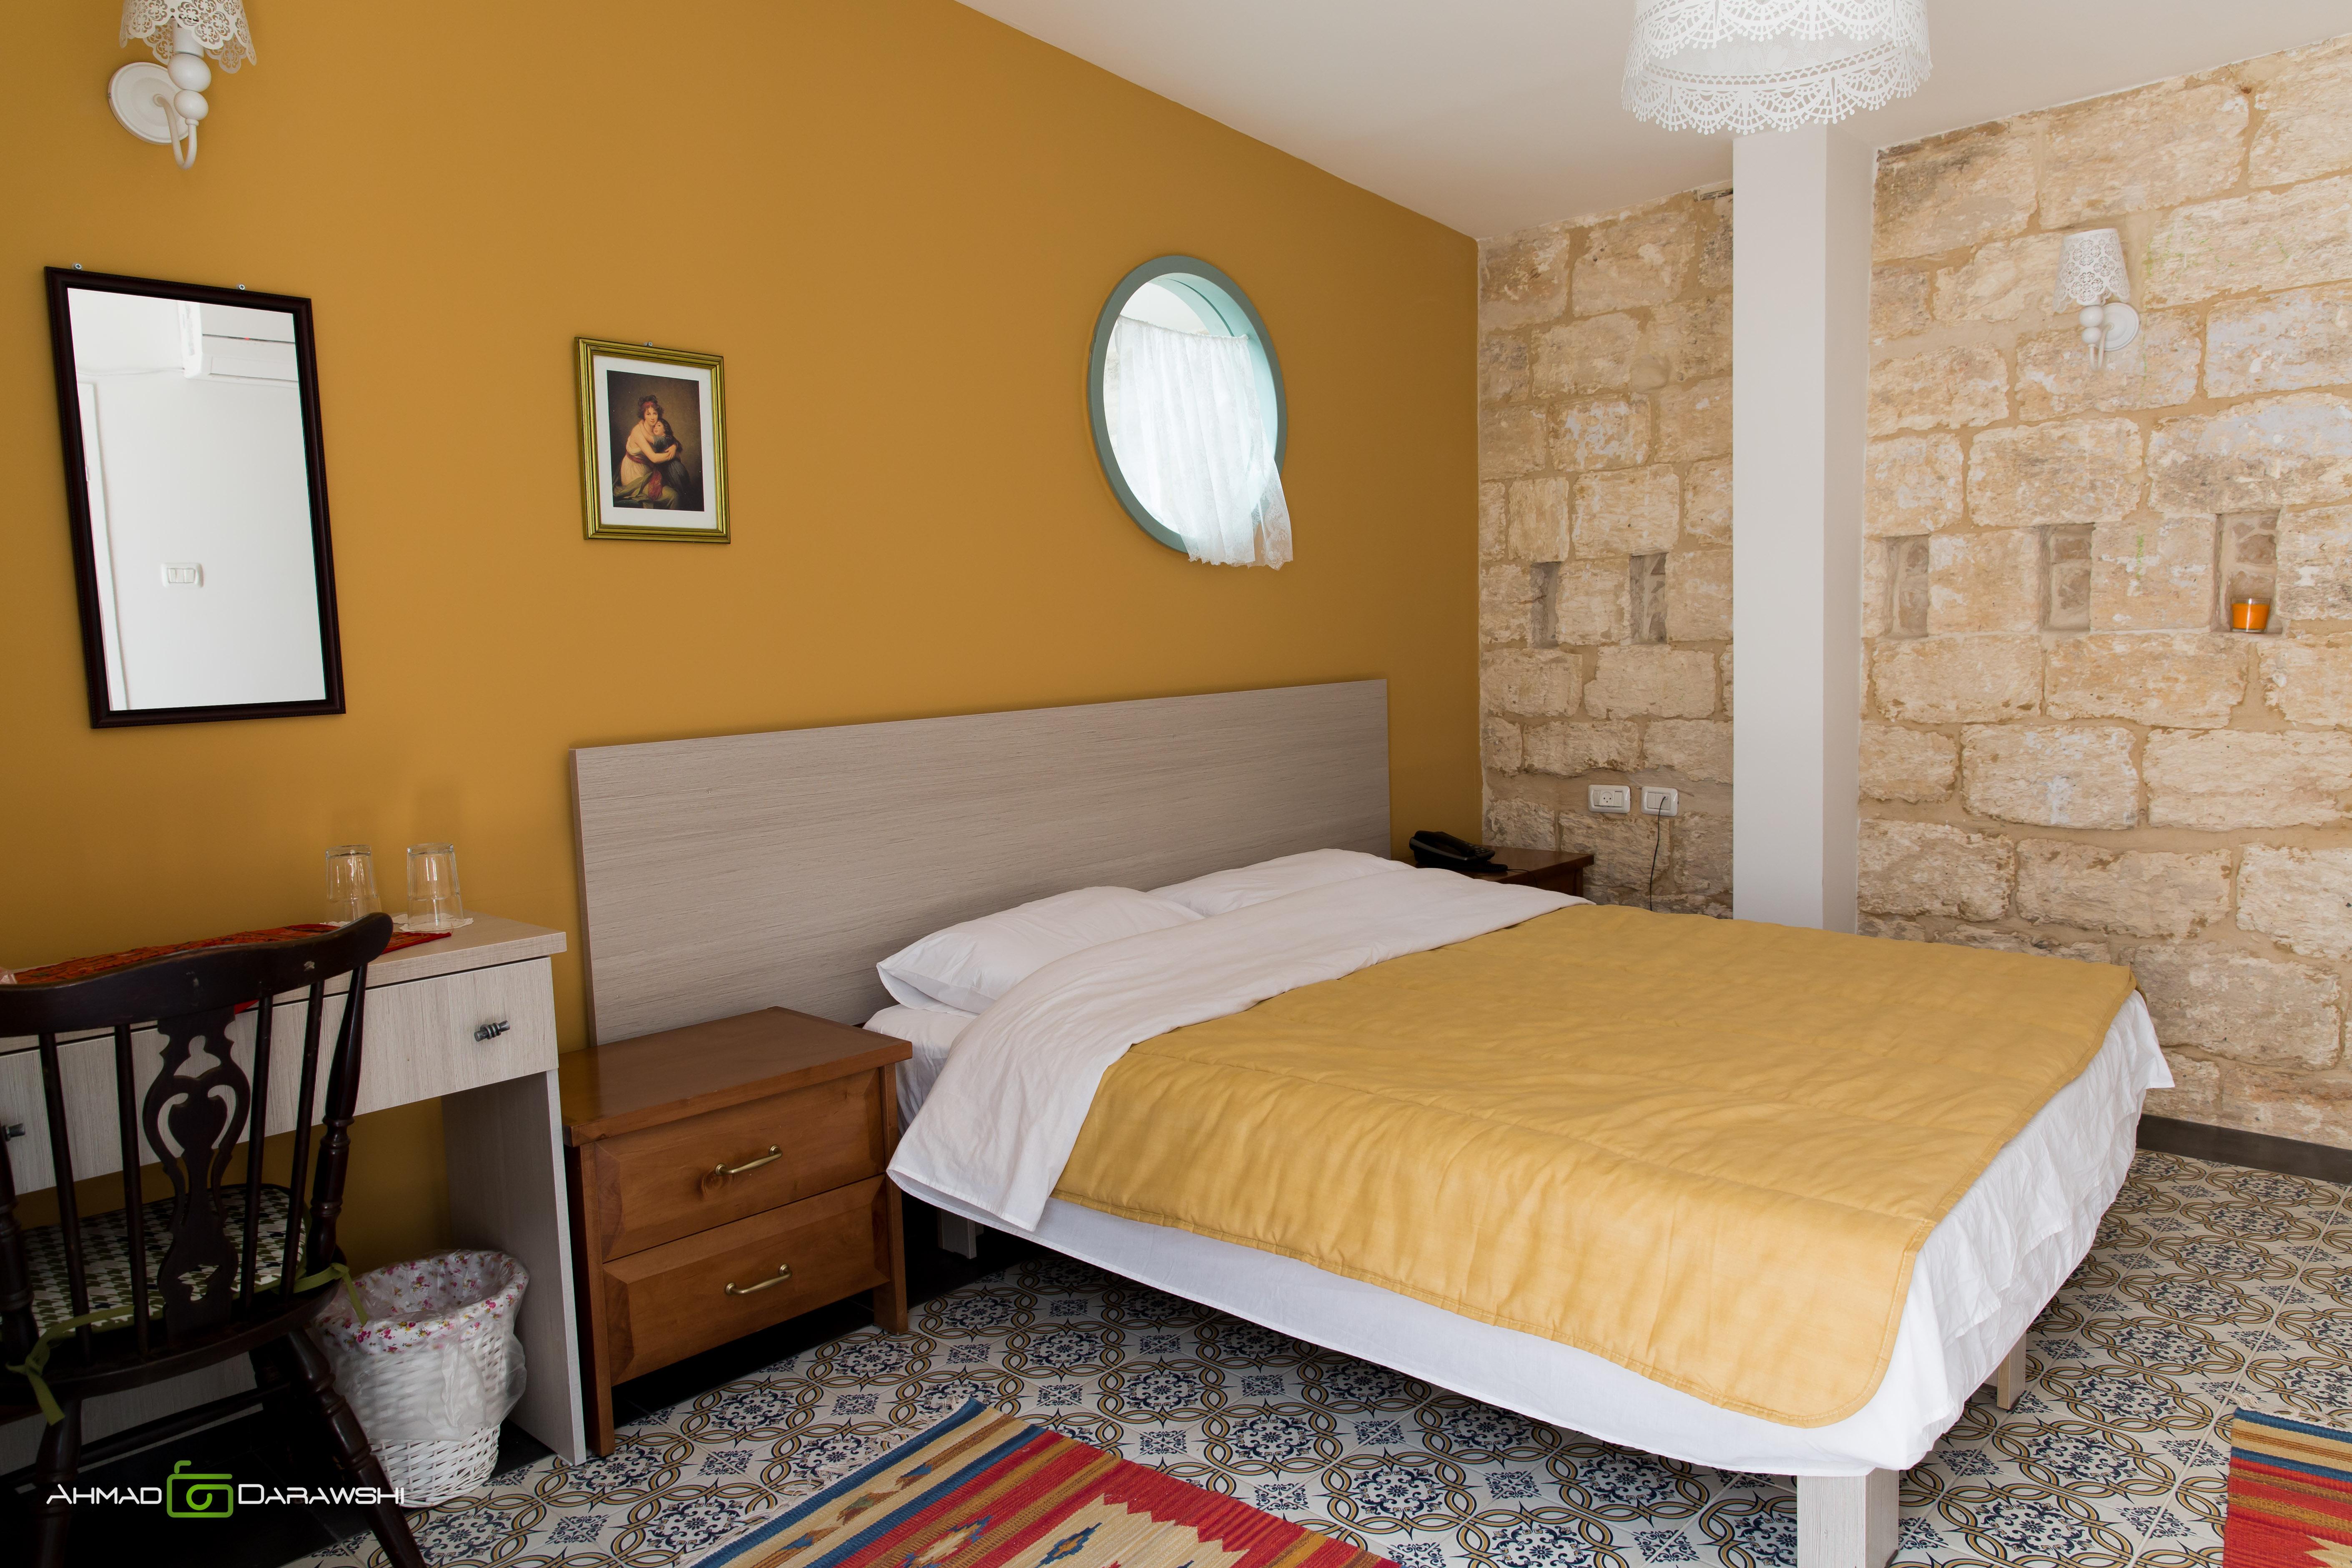 Al Hakim Guest House